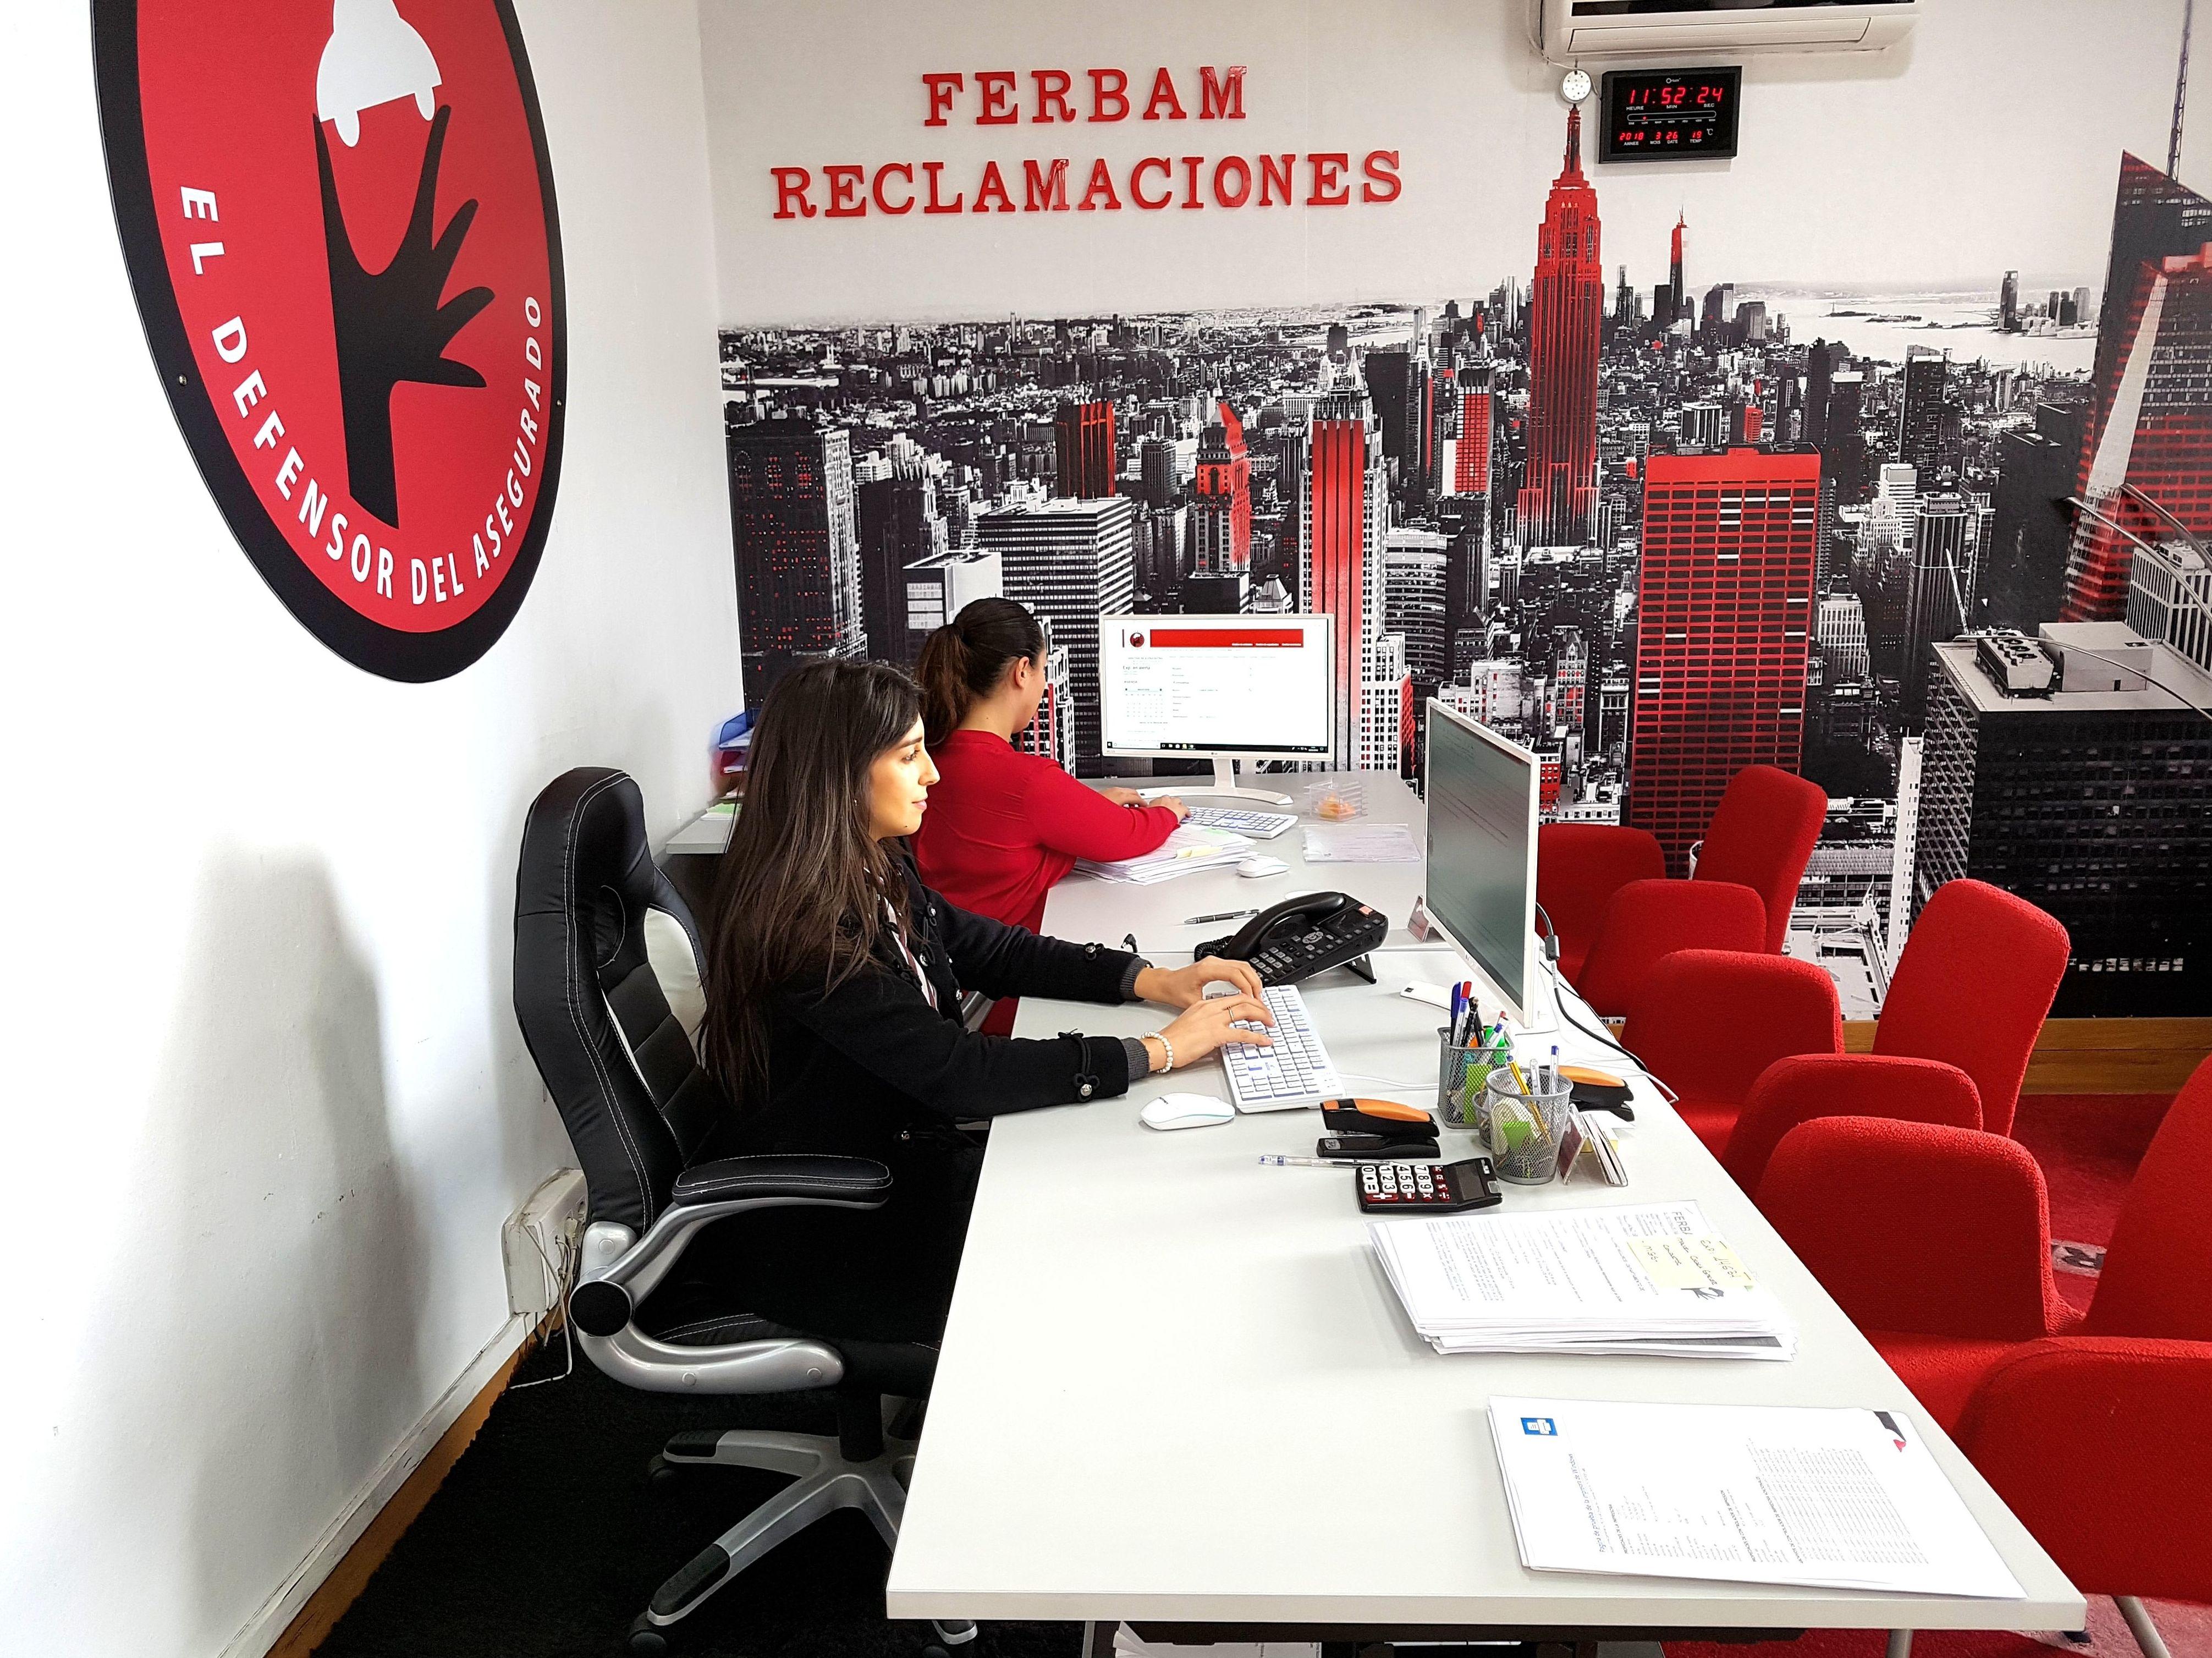 Foto 5 de Despacho de abogados especializado en indemnizaciones y reclamaciones en Vigo | Ferbam Reclamaciones